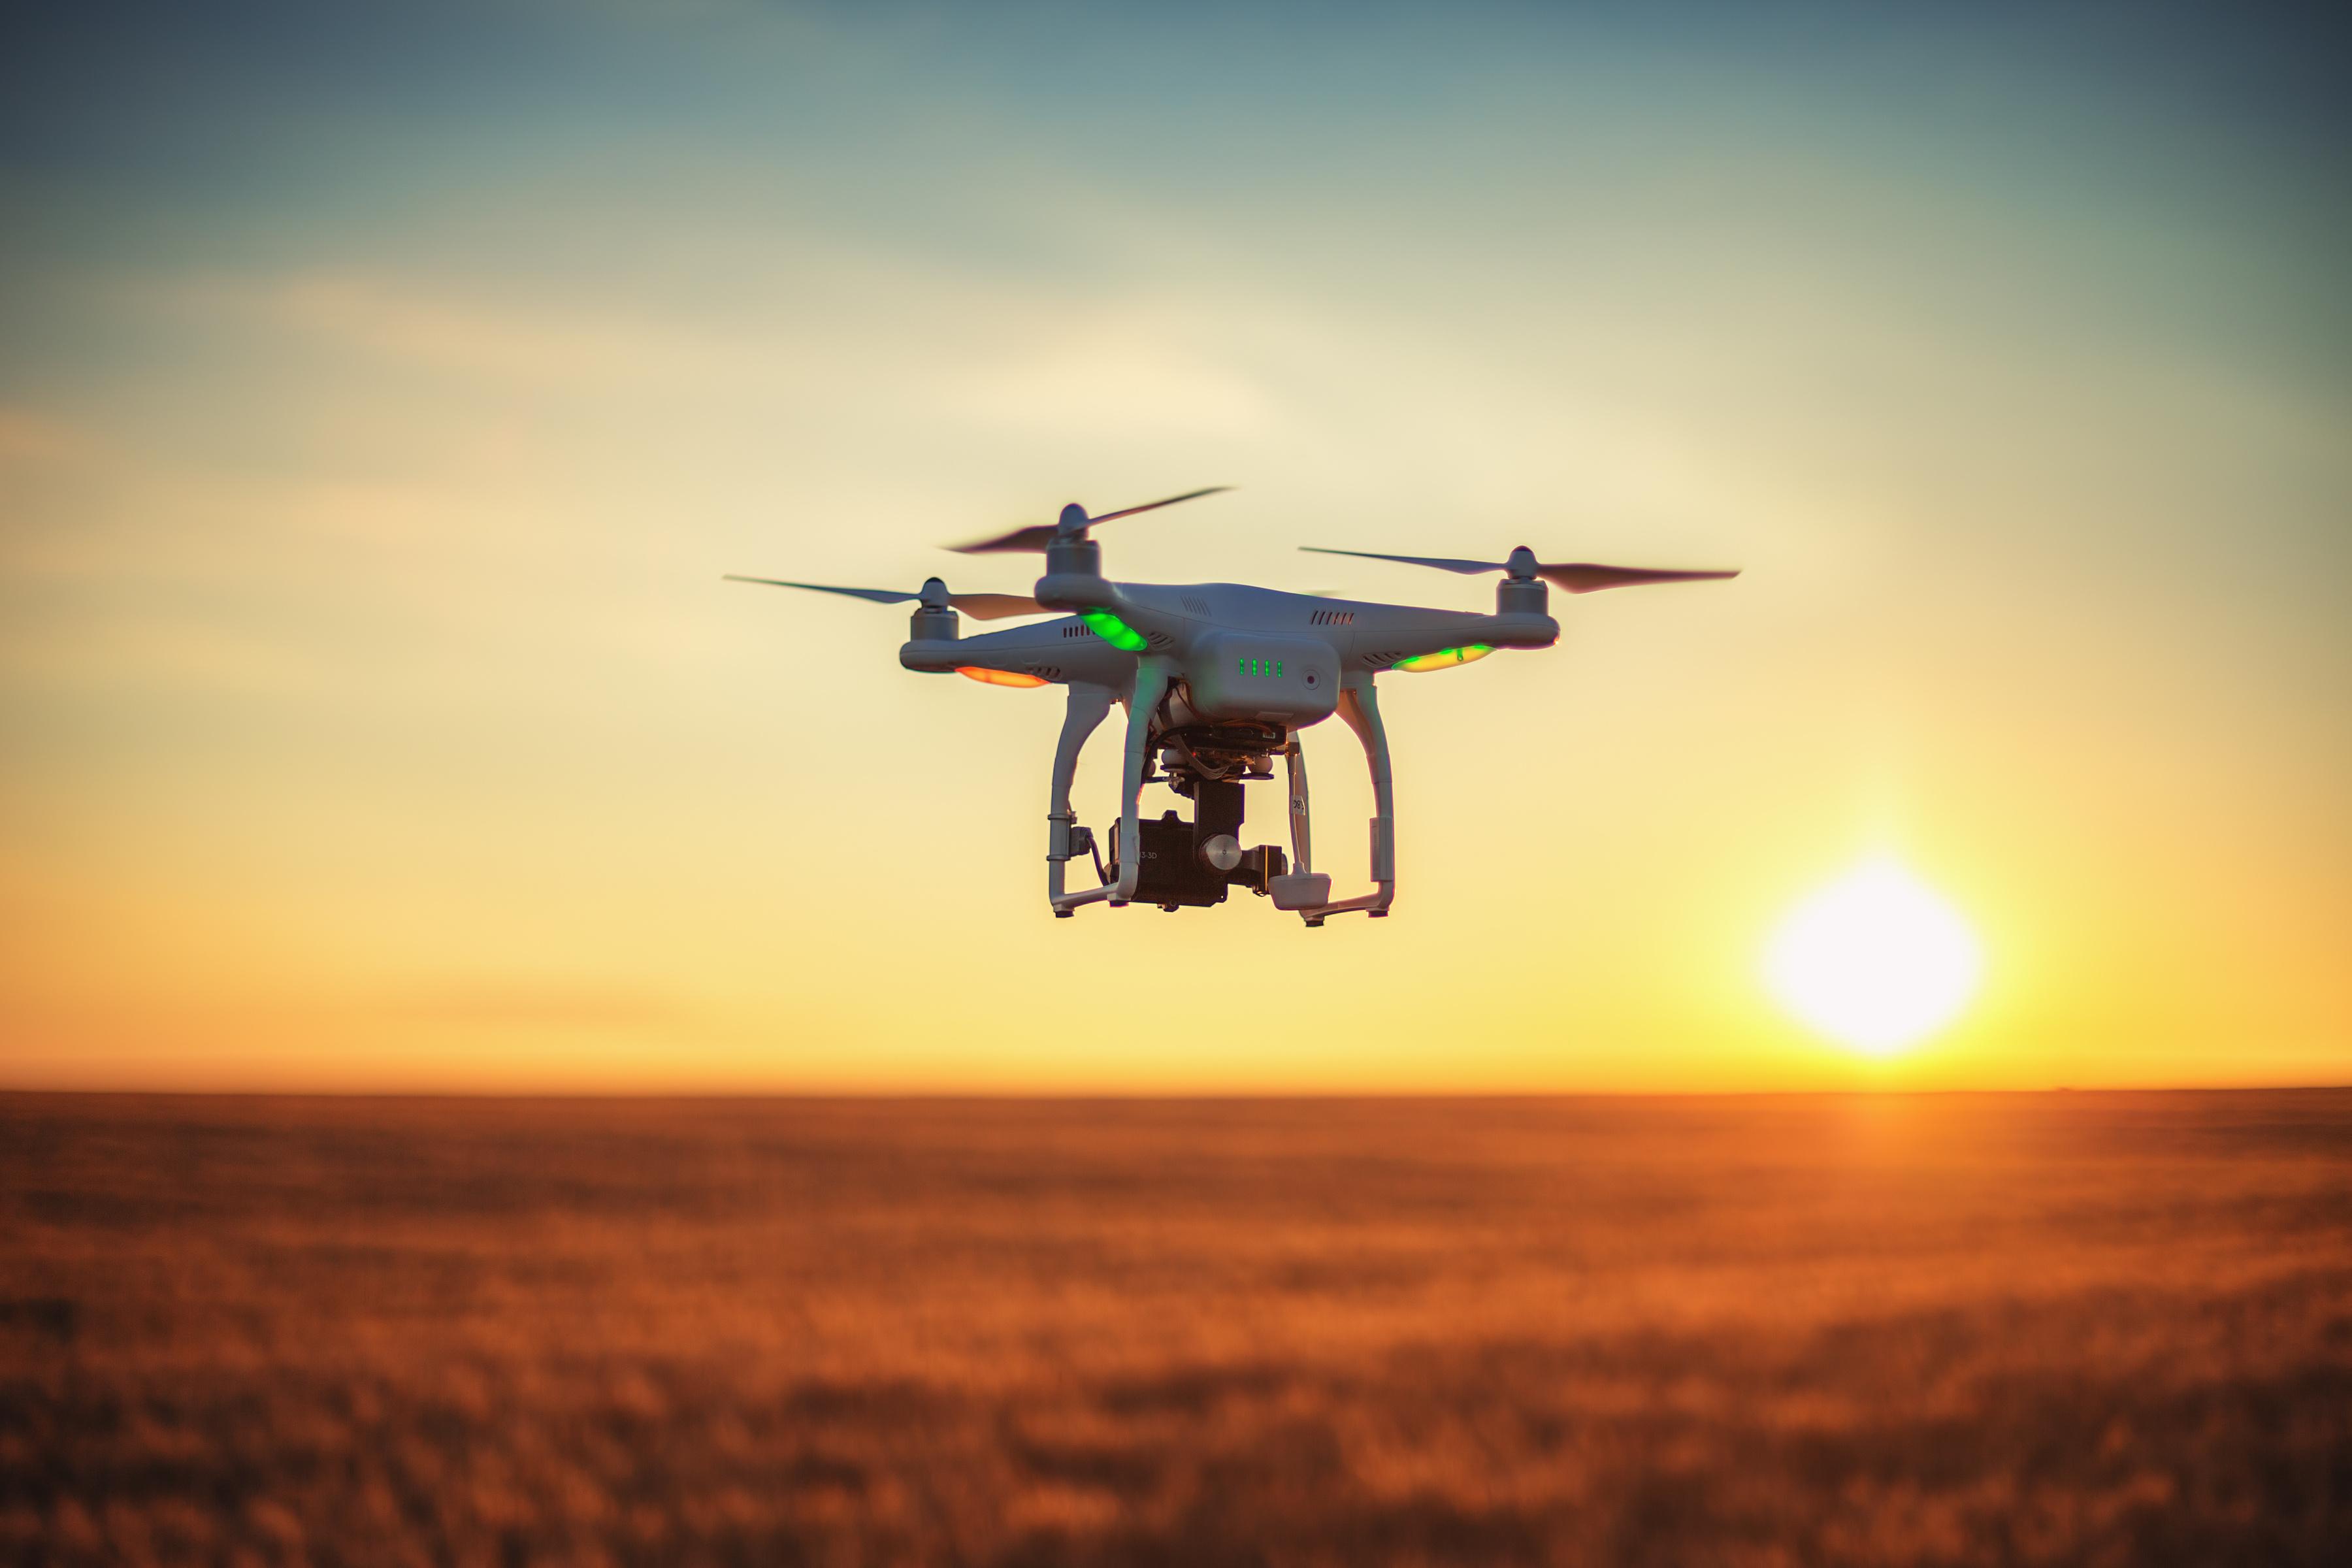 <業務委託>国内シェアNo1自社IoTプロダクト「Terra Lidar」ロボットエンジニア 機械学習などドローンによるDXソリューションで、世界の産業を変えるNo1グローバルテックカンパニー